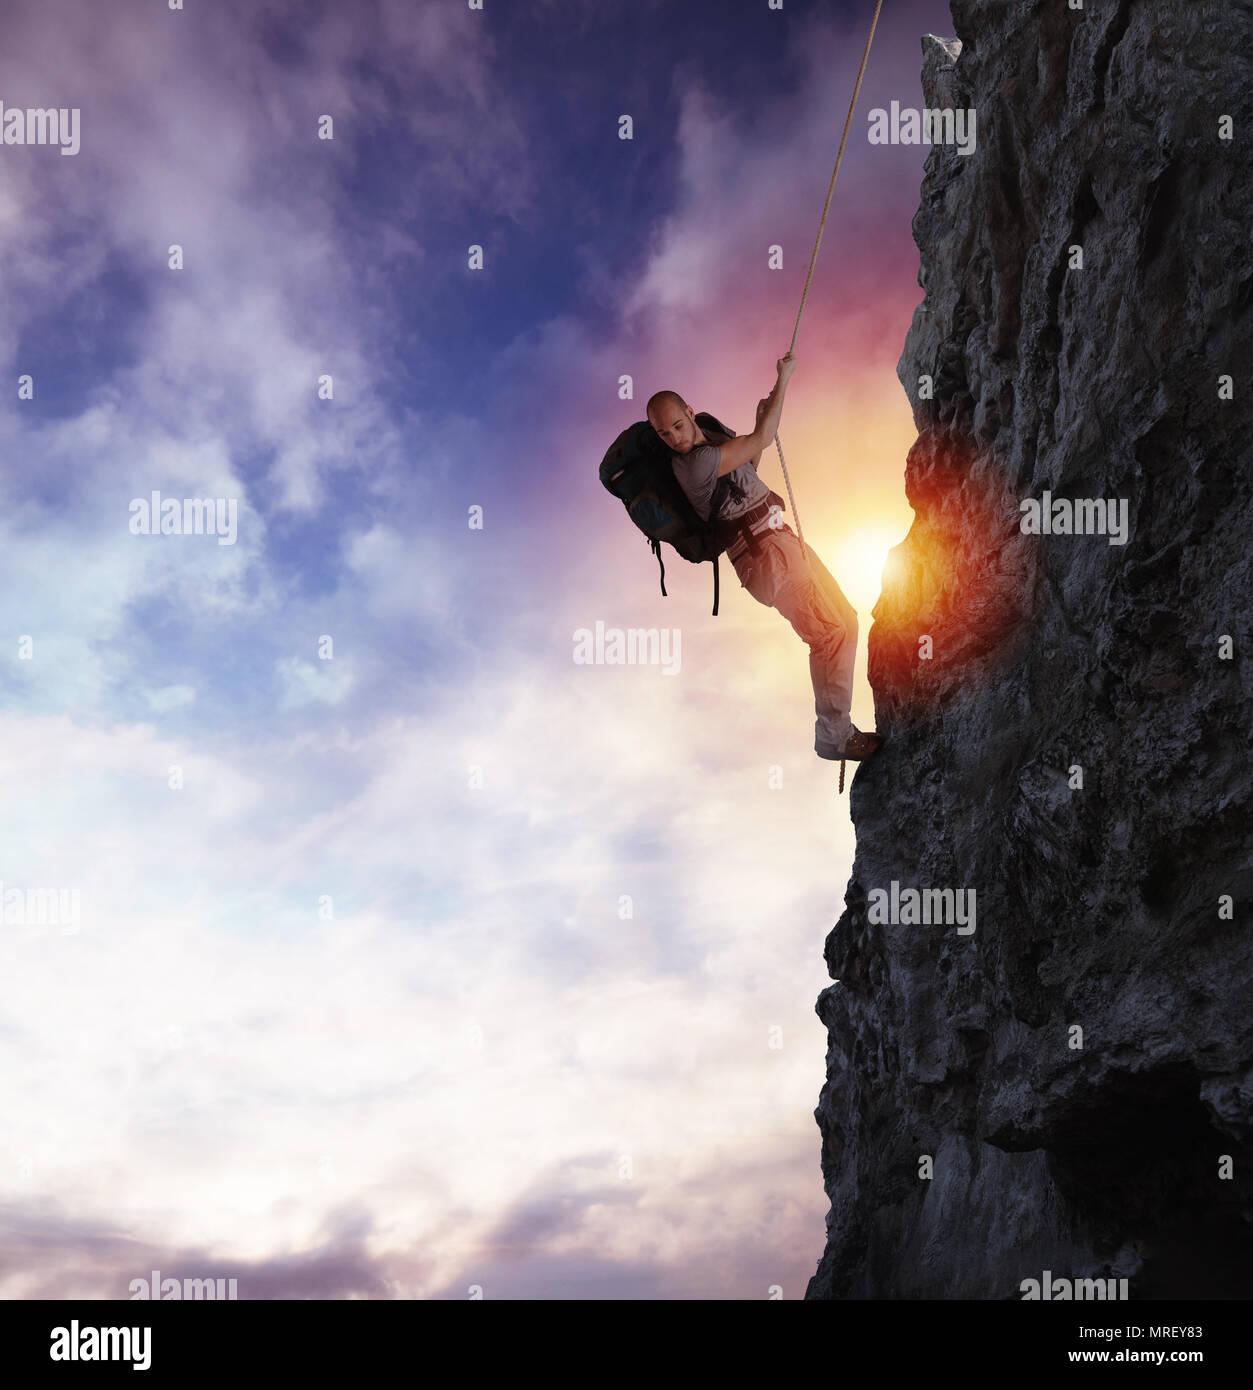 L'homme grimpe un danger élevé montagne avec une corde pendant le coucher du soleil Photo Stock